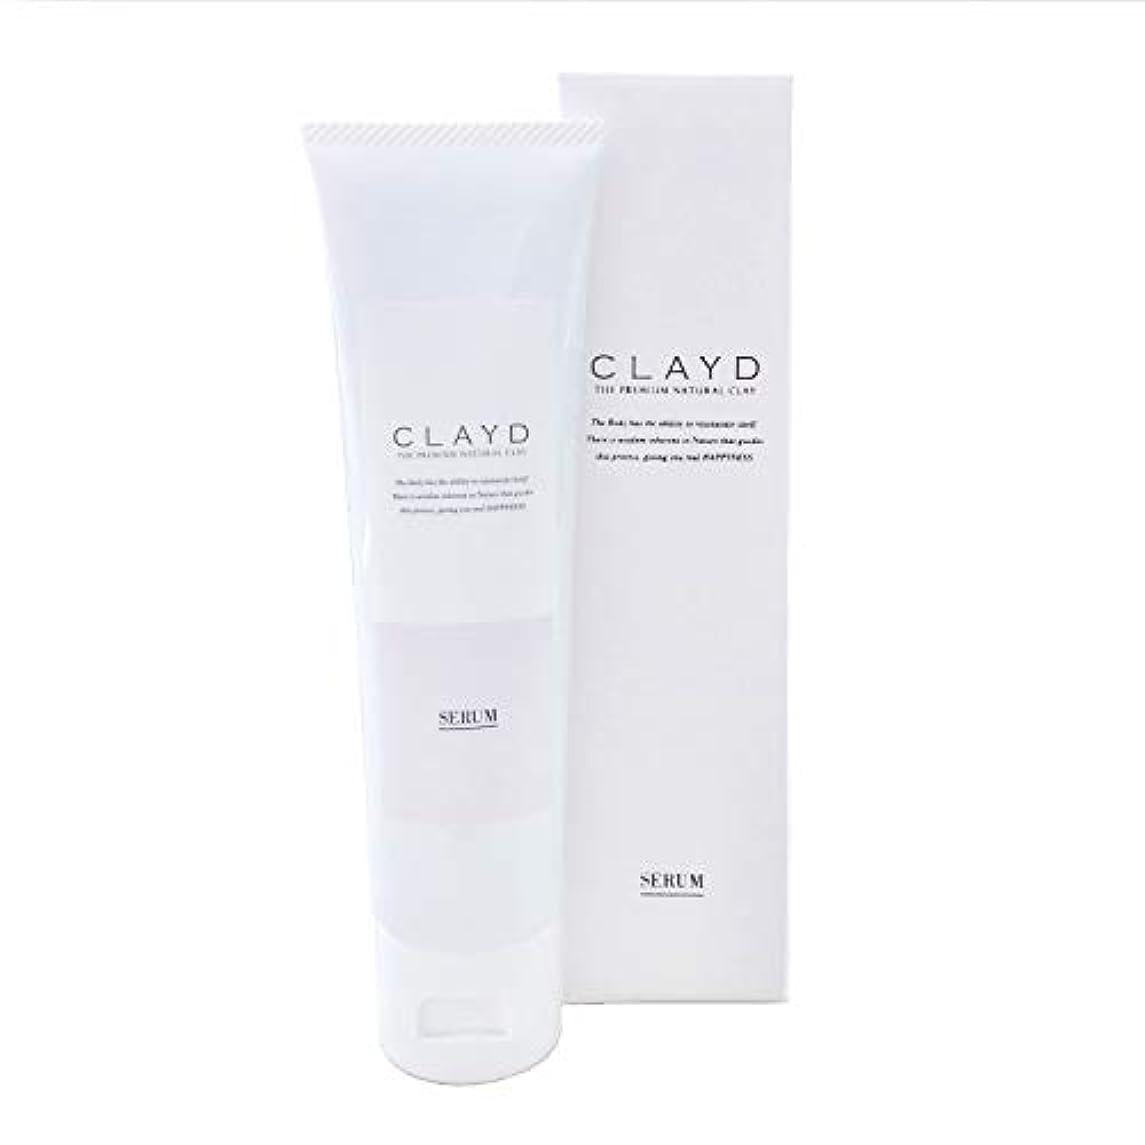 CLAYD BODY TREATMENT SERUM (クレイド ボディトリートメントセラム )